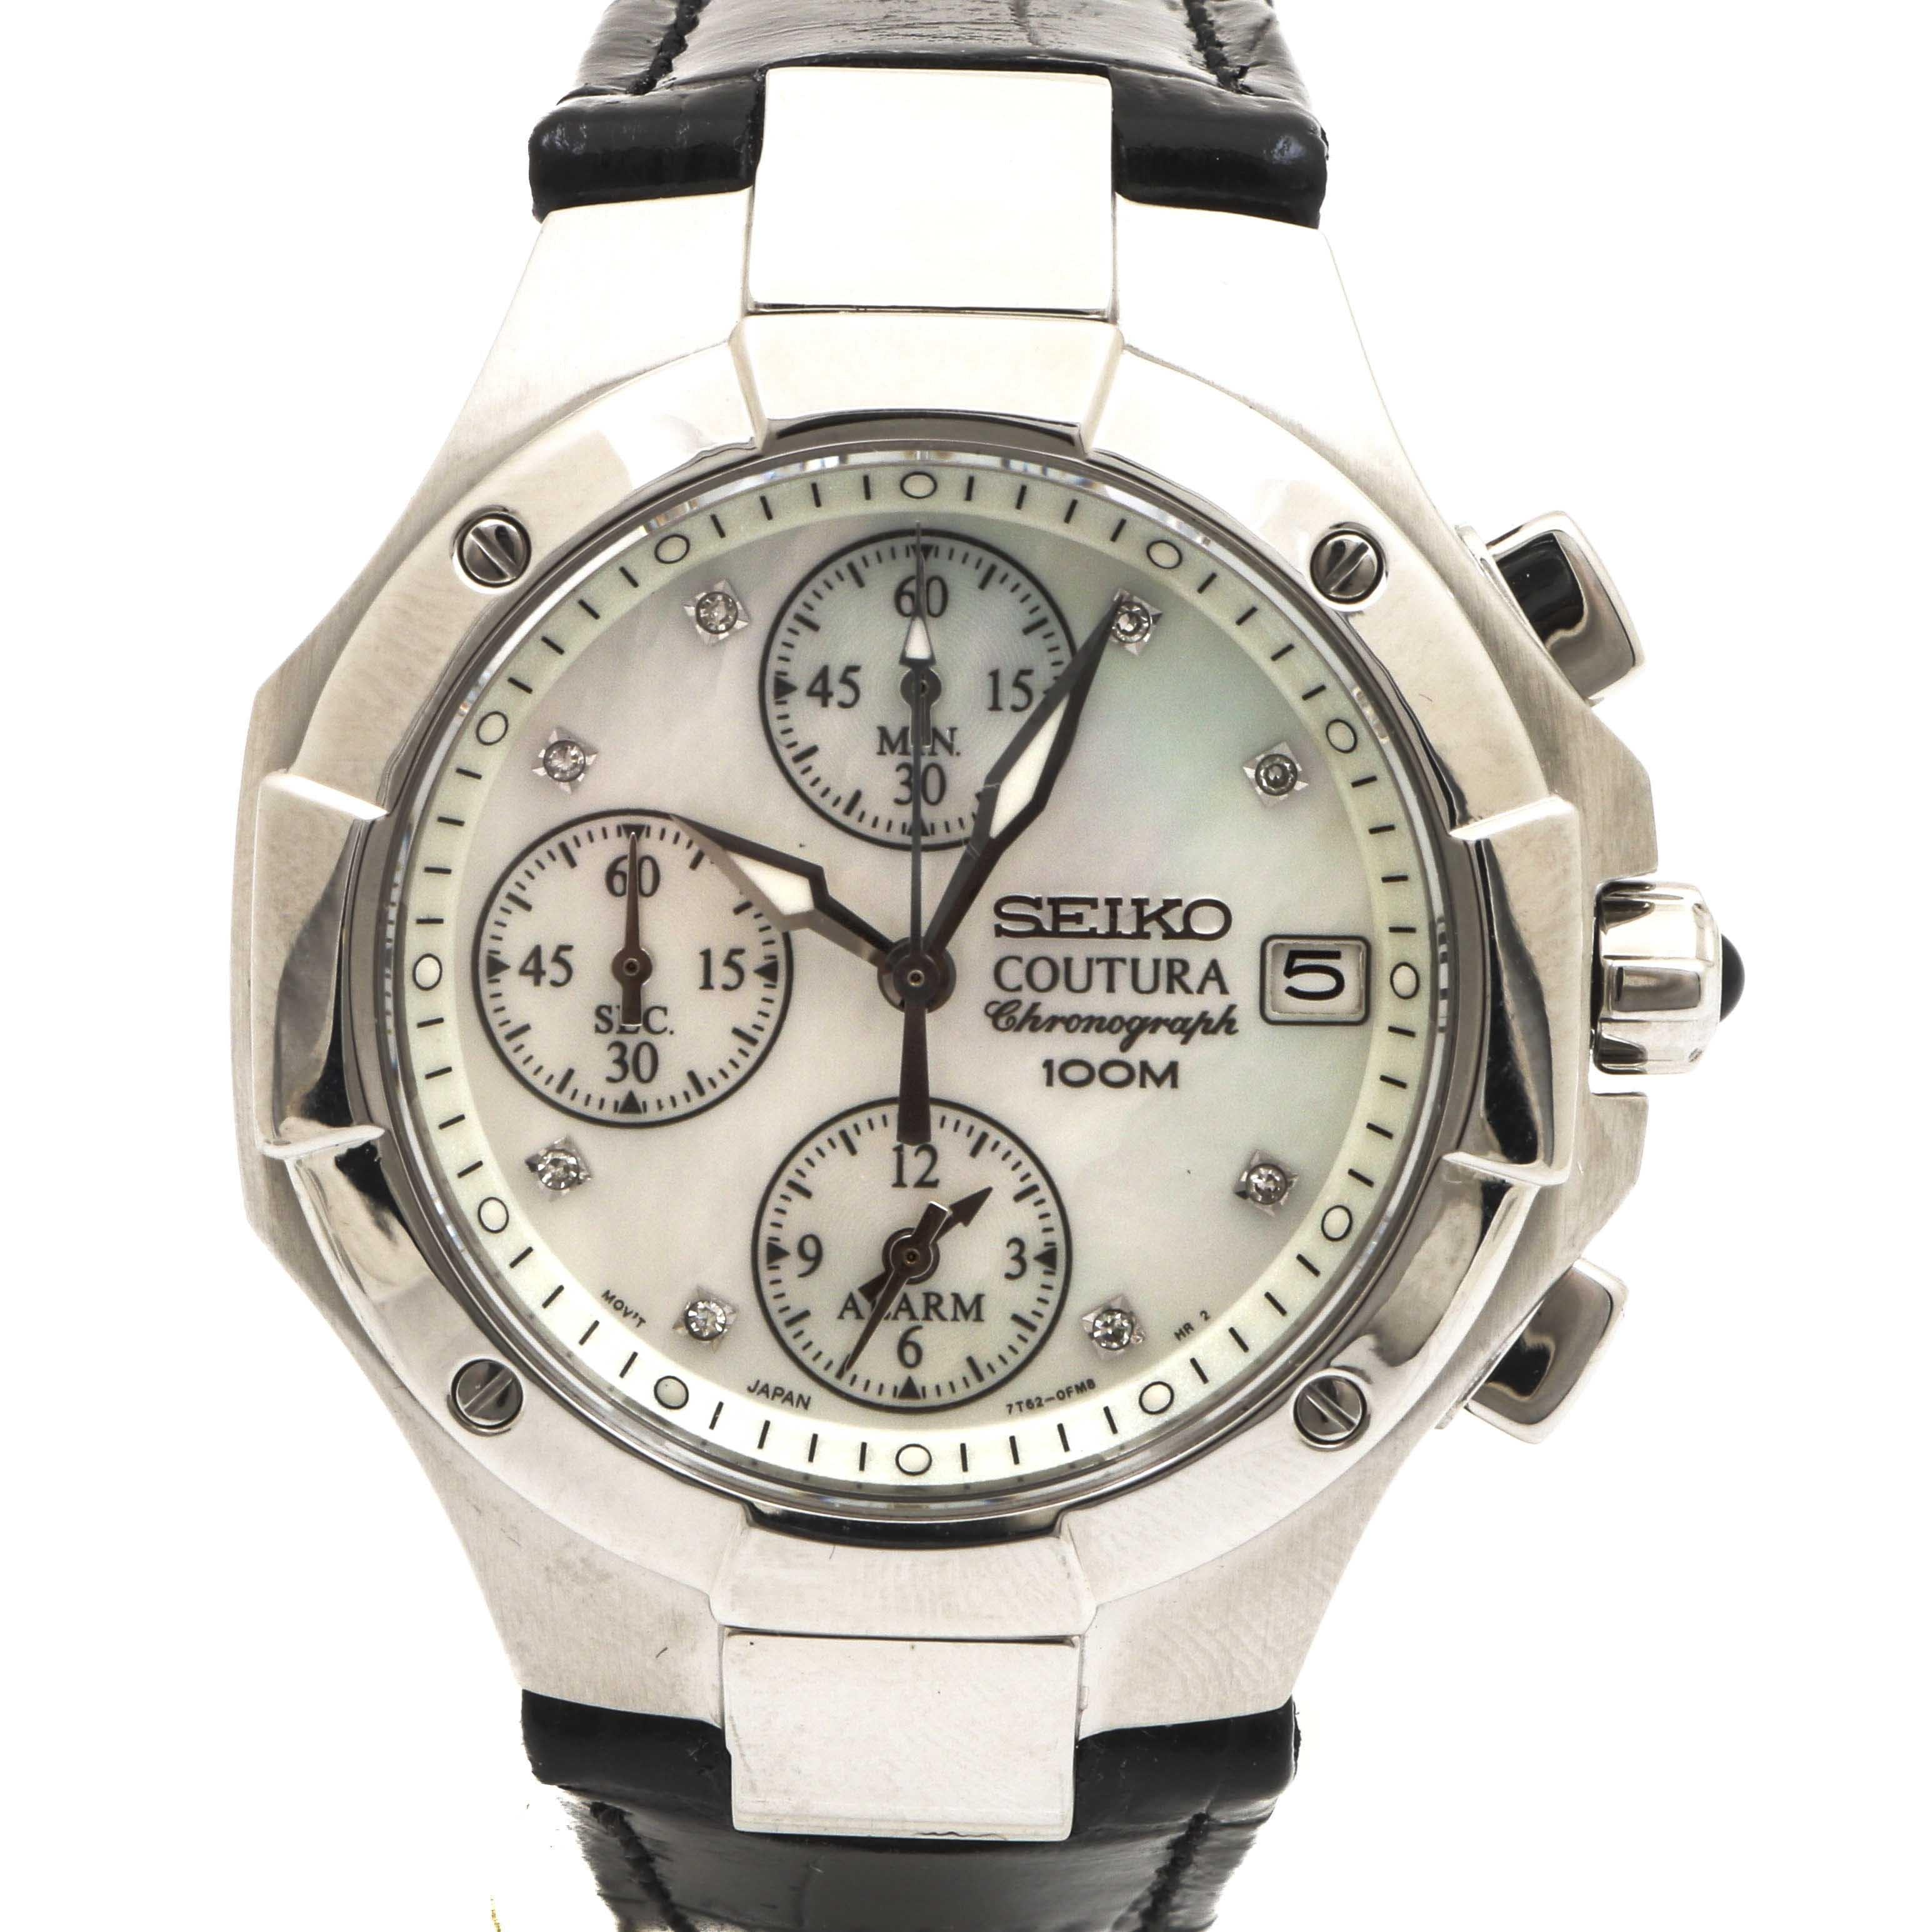 Seiko Coutura Diamond Stainless Steel Wristwatch